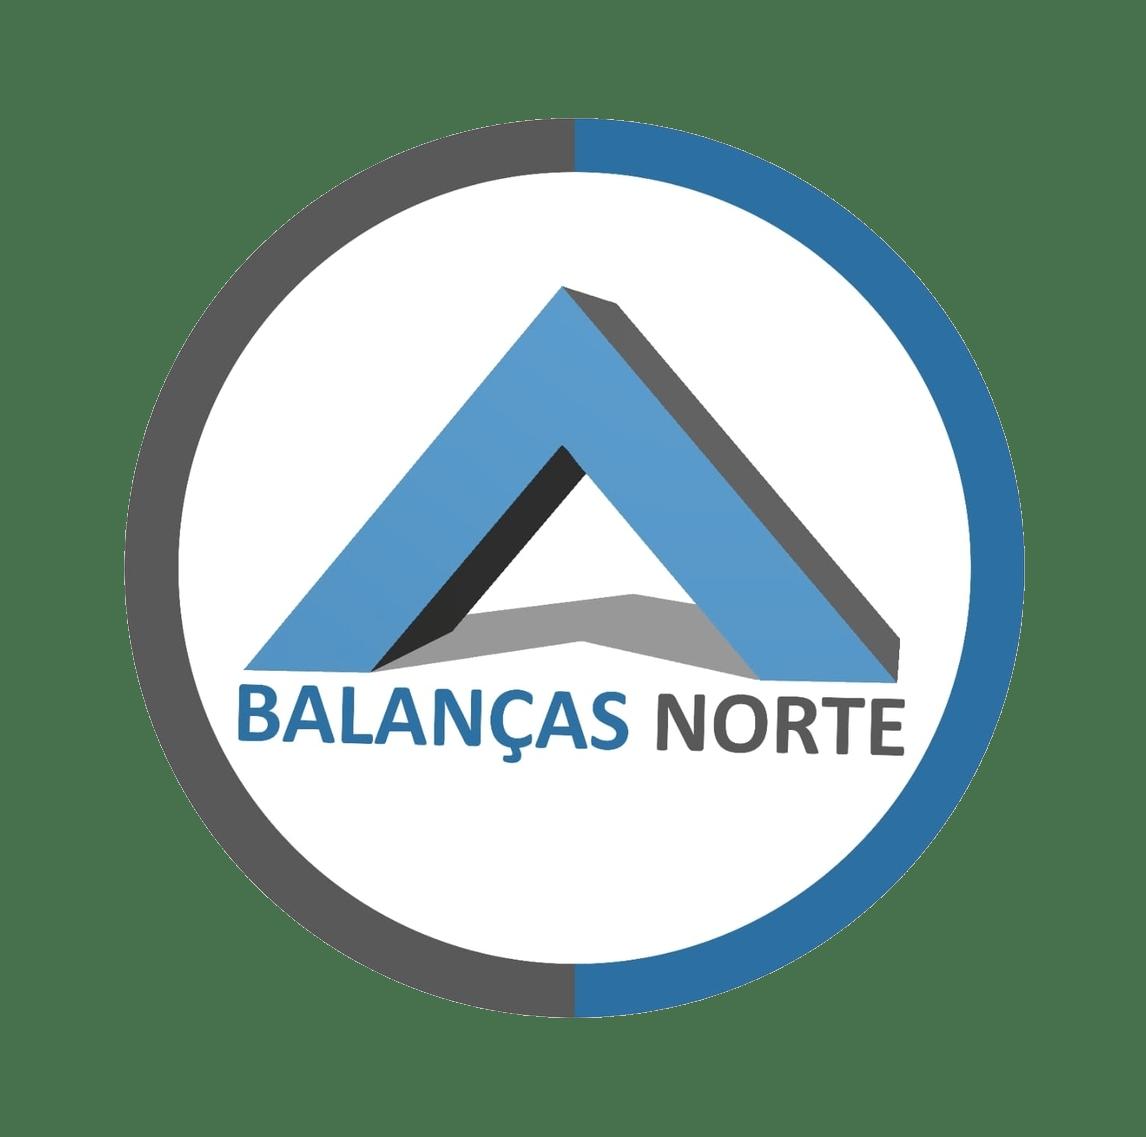 Balanças Norte